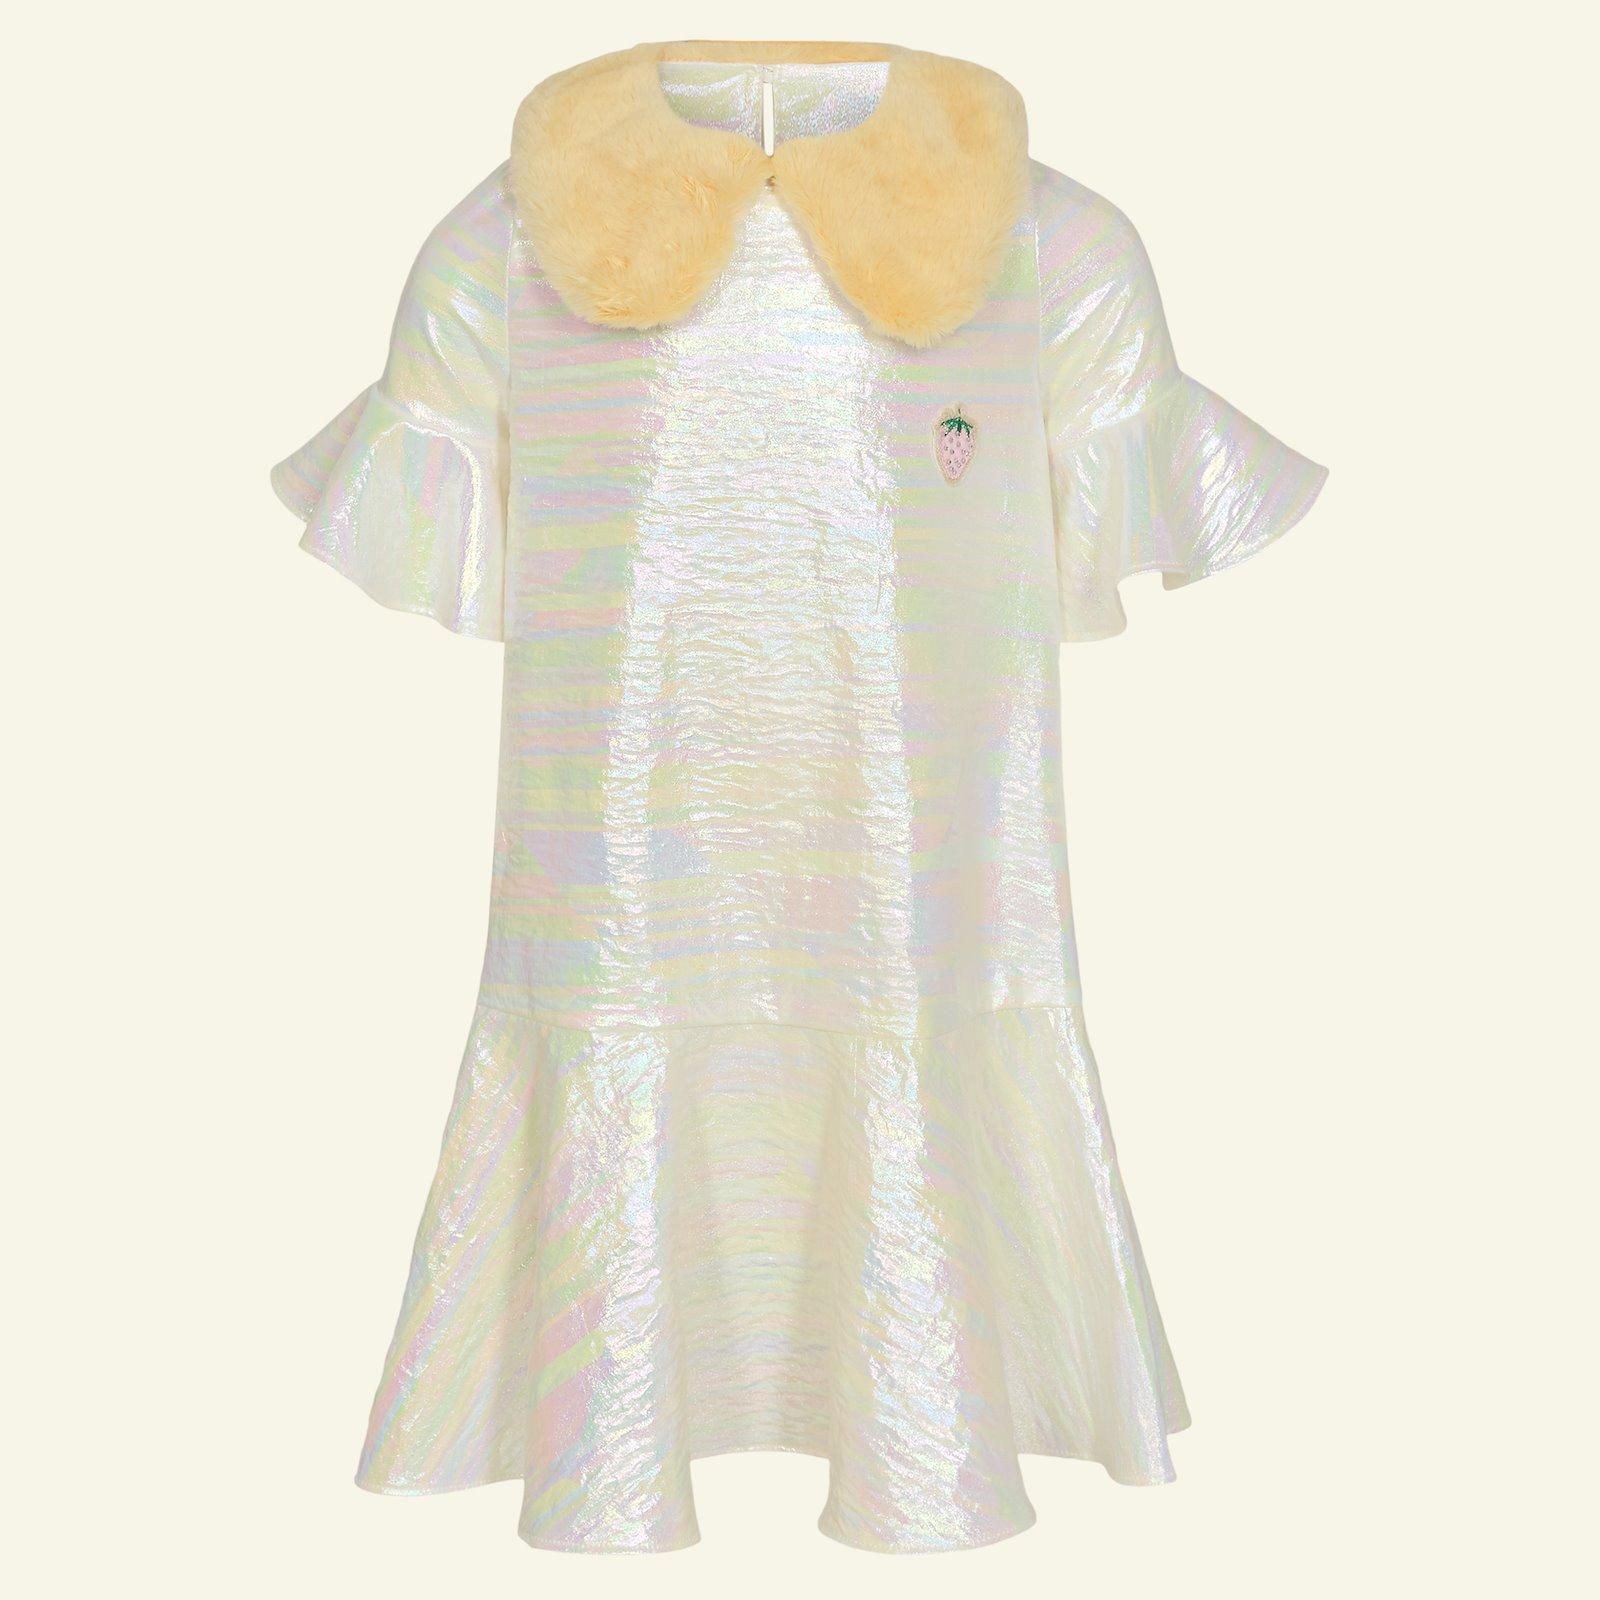 Kleid und Bluse mit Rüsche p63066_260687_p90335_910283_540111_sskit